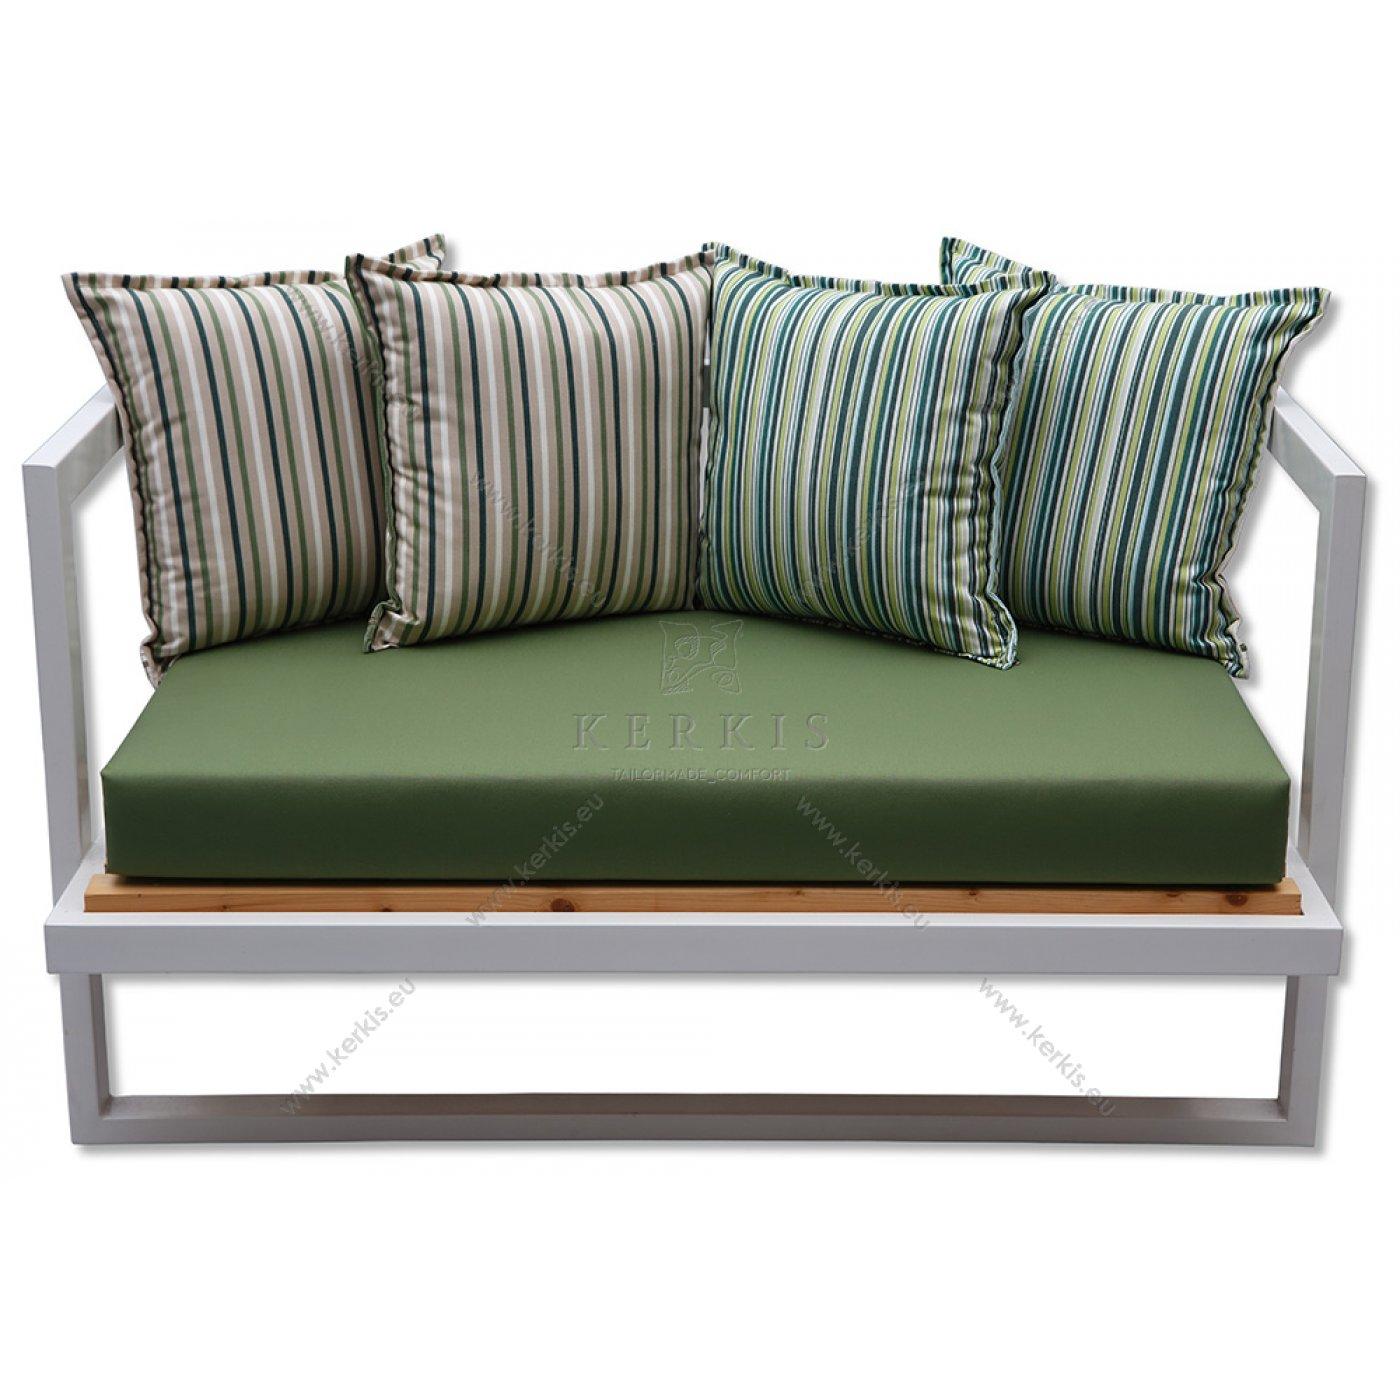 Μαξιλάρια καναπέ με υφάσματα που δεν ξεθωριάζουν από τον ήλιο